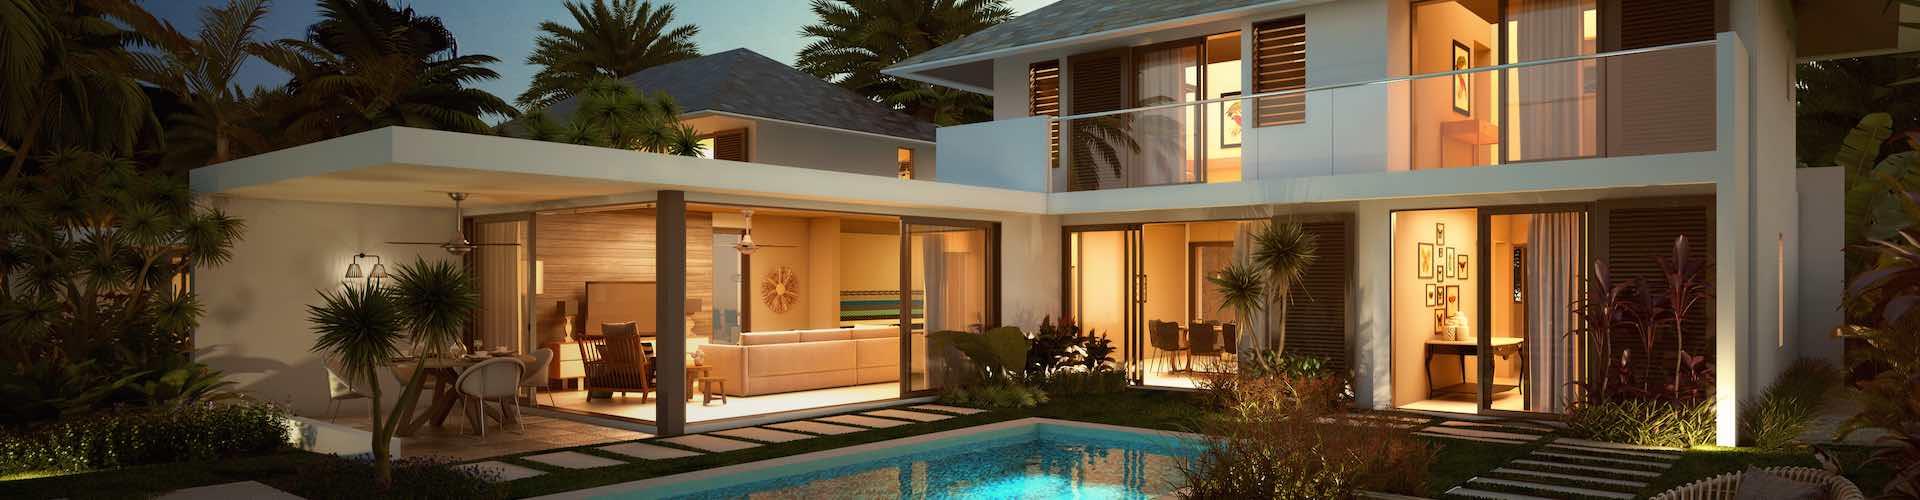 Jinvesty agence immobili re en bretagne sur lorient lanester larmor plage - Villa los angeles a vendre ...